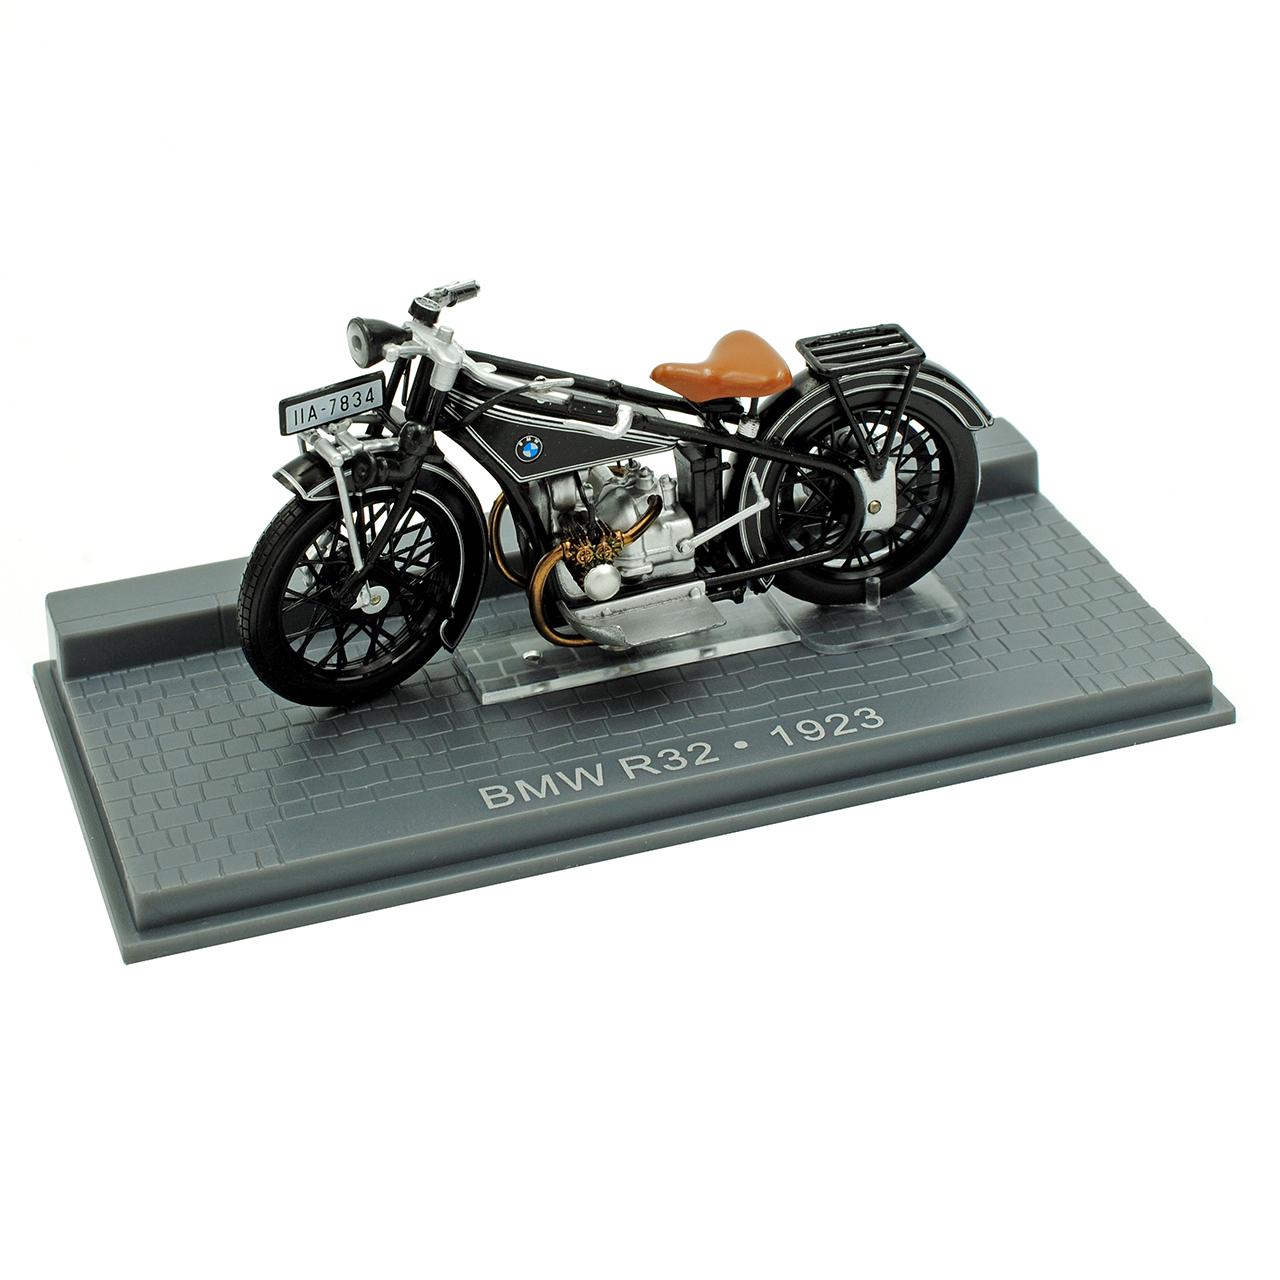 DKW RT175 VS 1952 1:24 Motorrad Modell